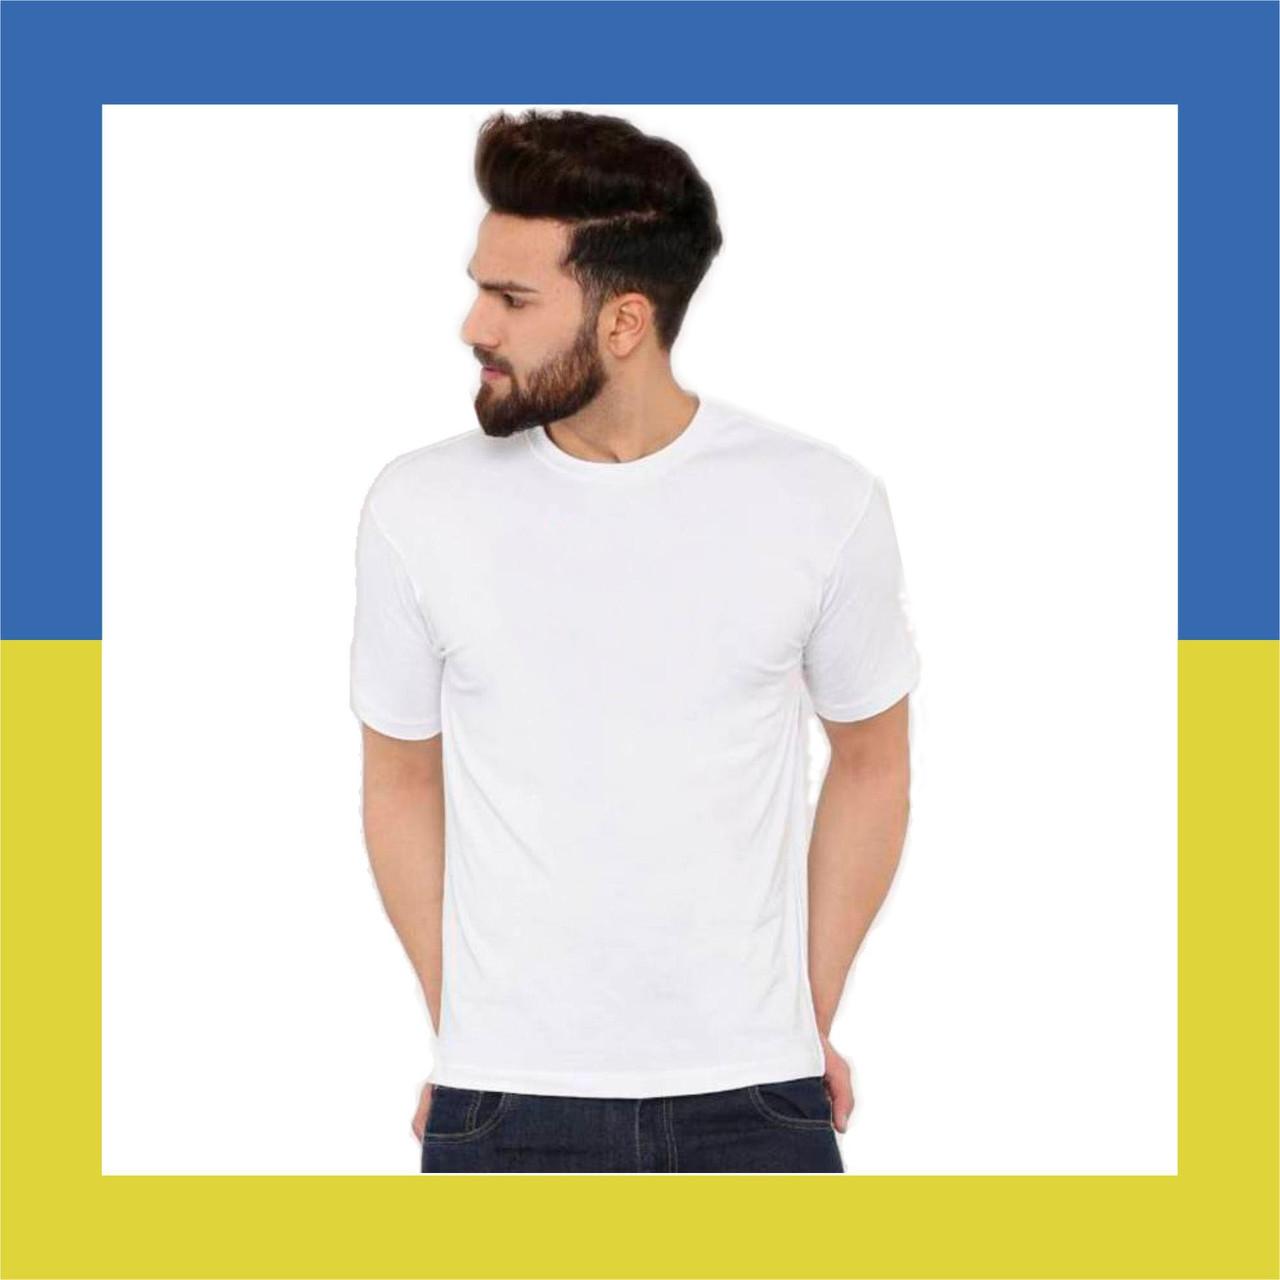 Мужские футболки для сублимационной печати